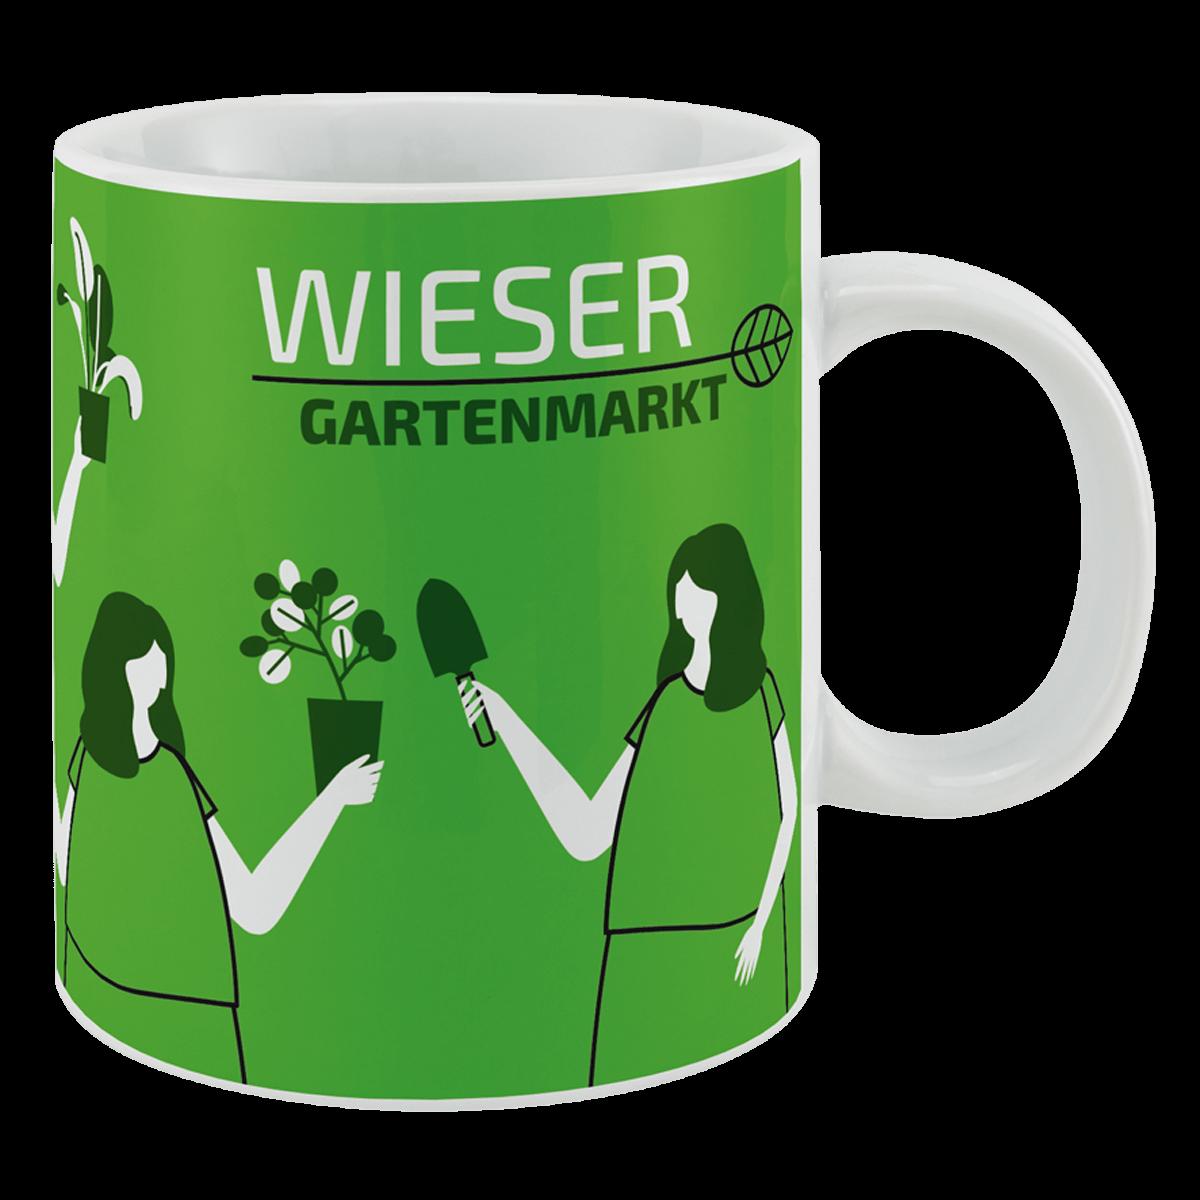 BerlinXXL_S031_TRD_GD_VD_Wieser-Gartenmarkt_P2_1200px